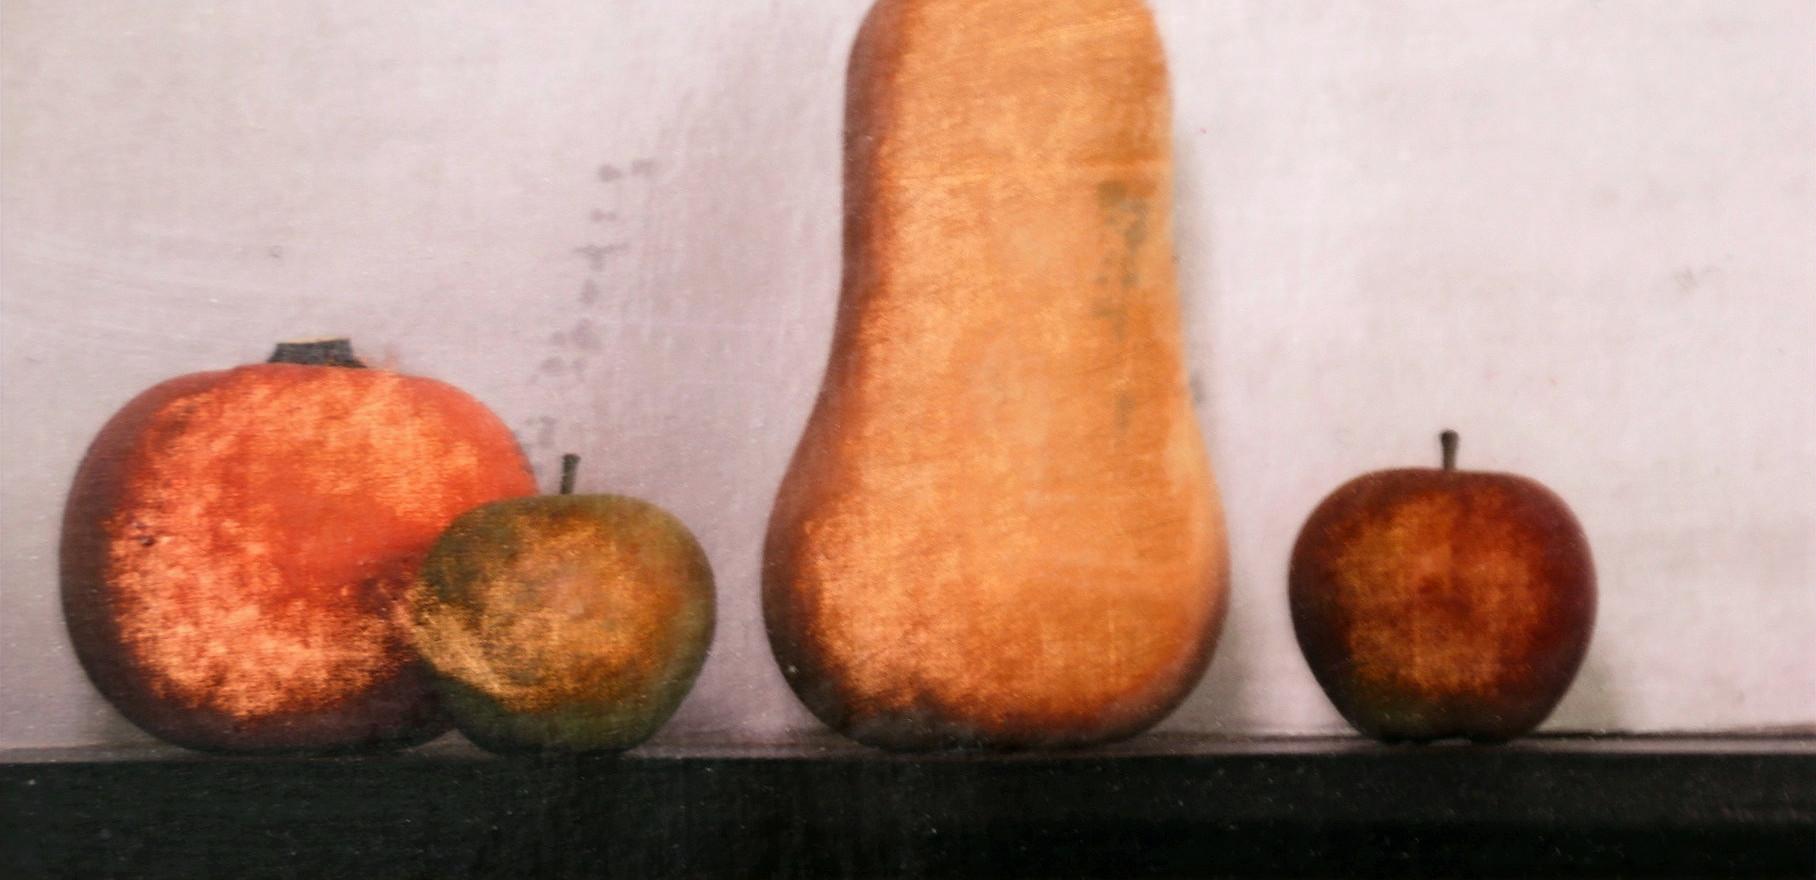 A Pumpkin, 2 Apples and a Squash - image